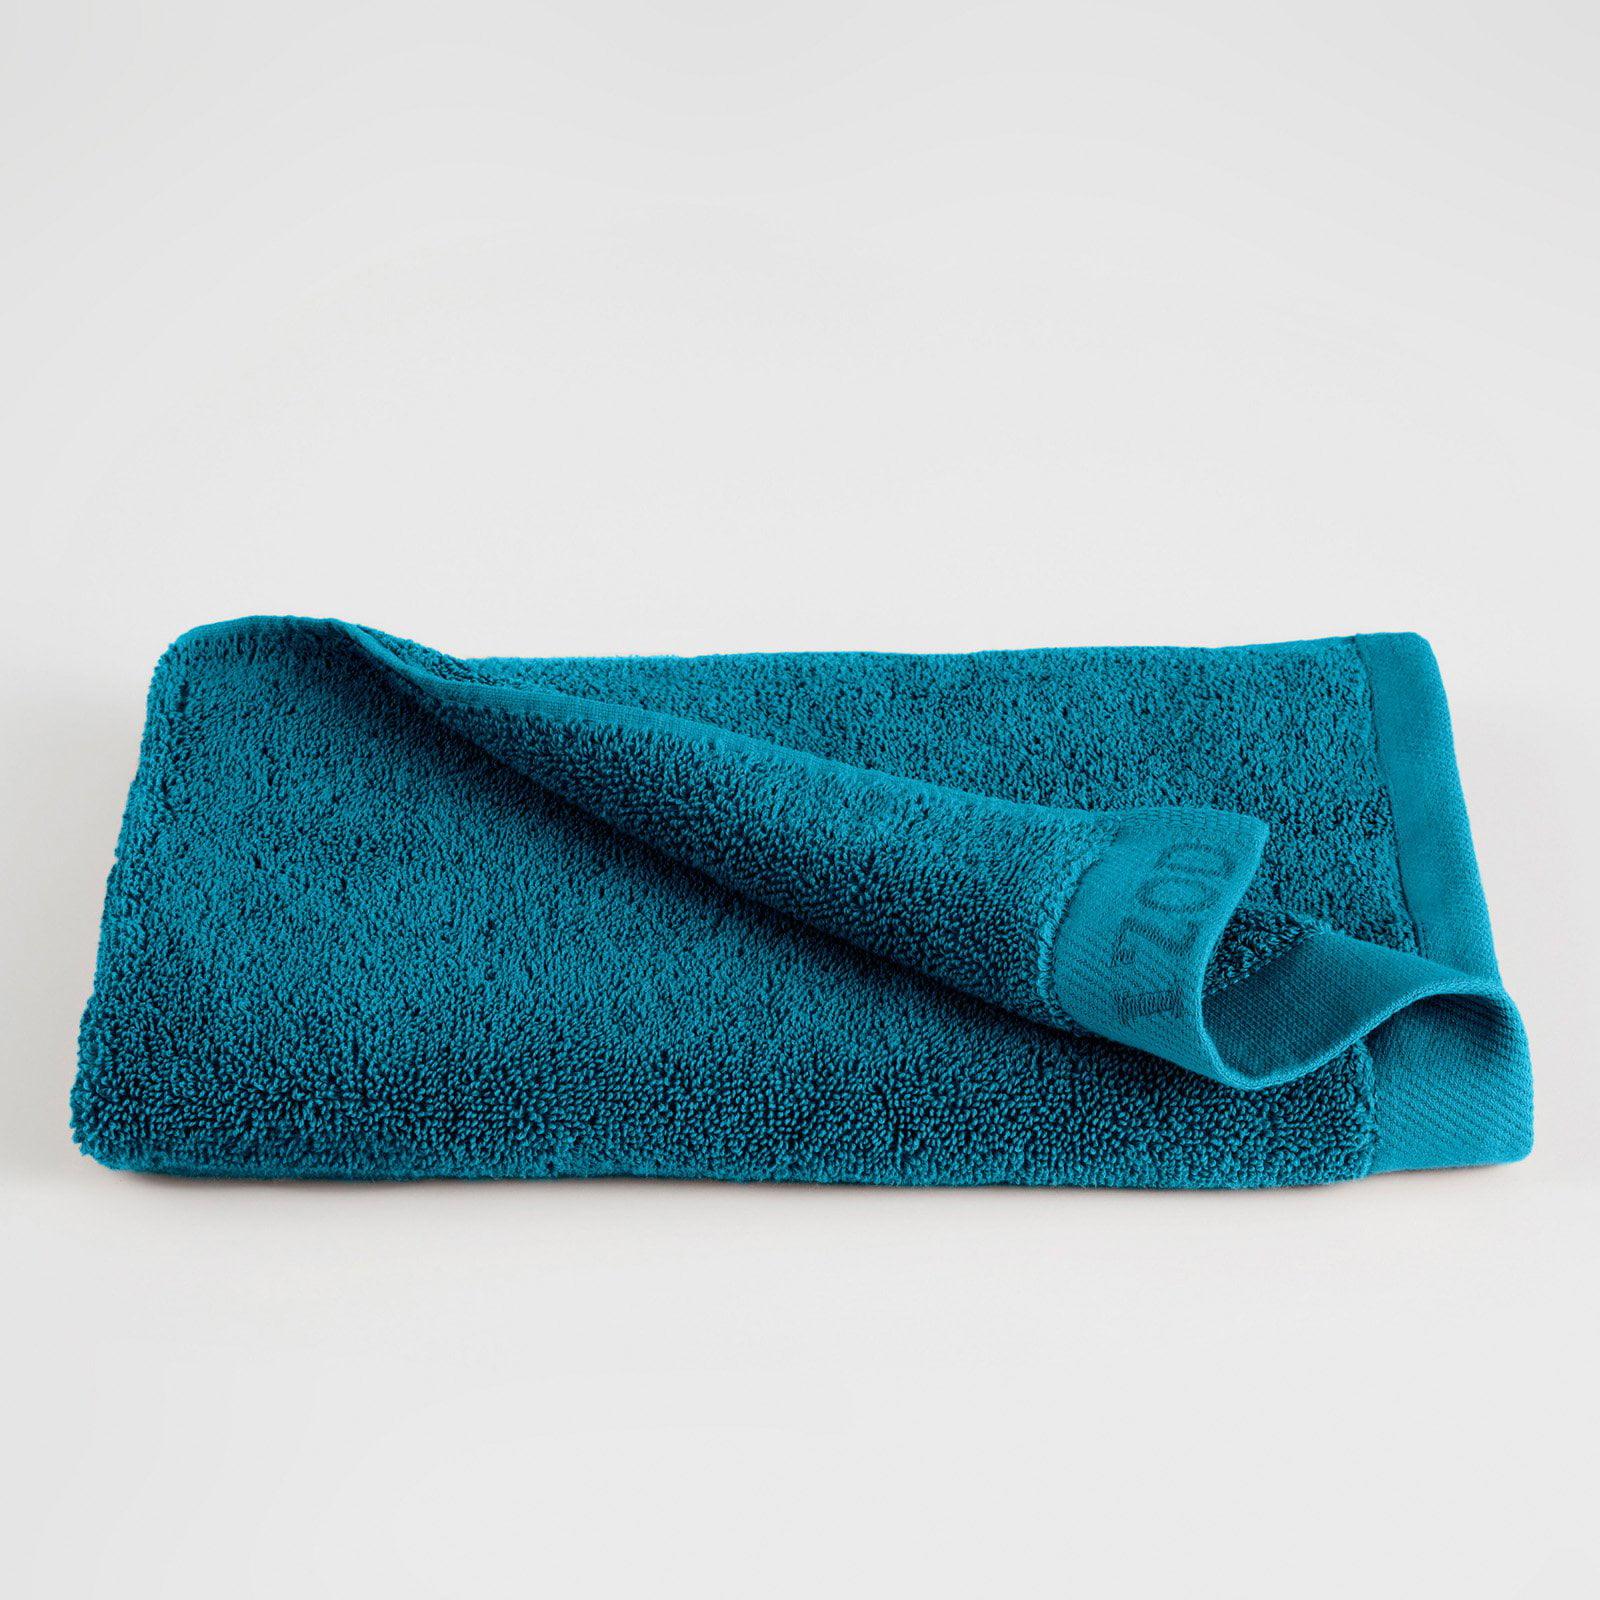 IZOD Classic Egytpian Hand Towel Set - Set of 4